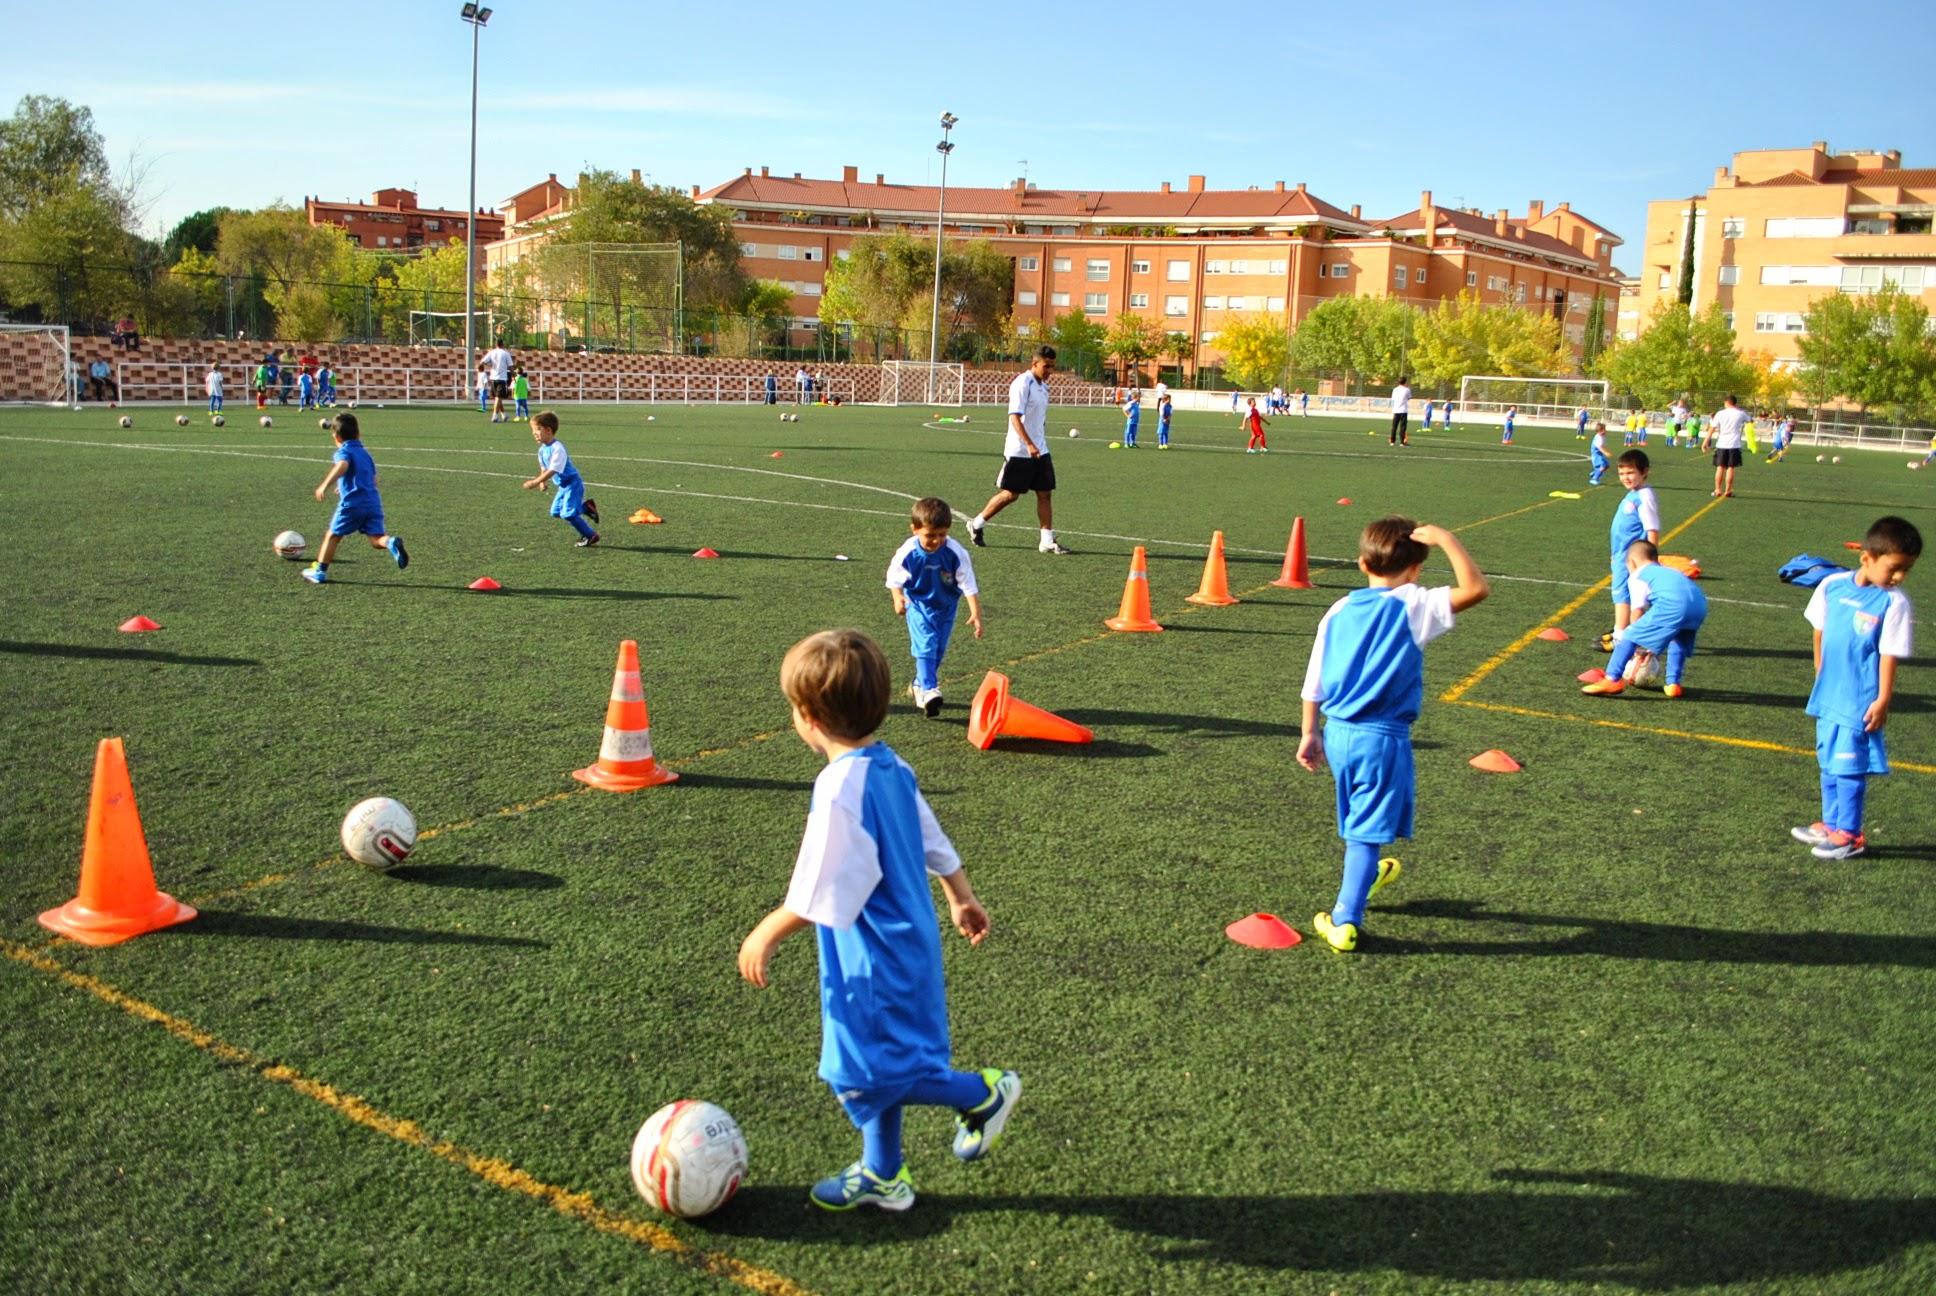 La semana que viene, últimas presentaciones de equipos de la Escuela: ¡Empiezan los más pequeños!